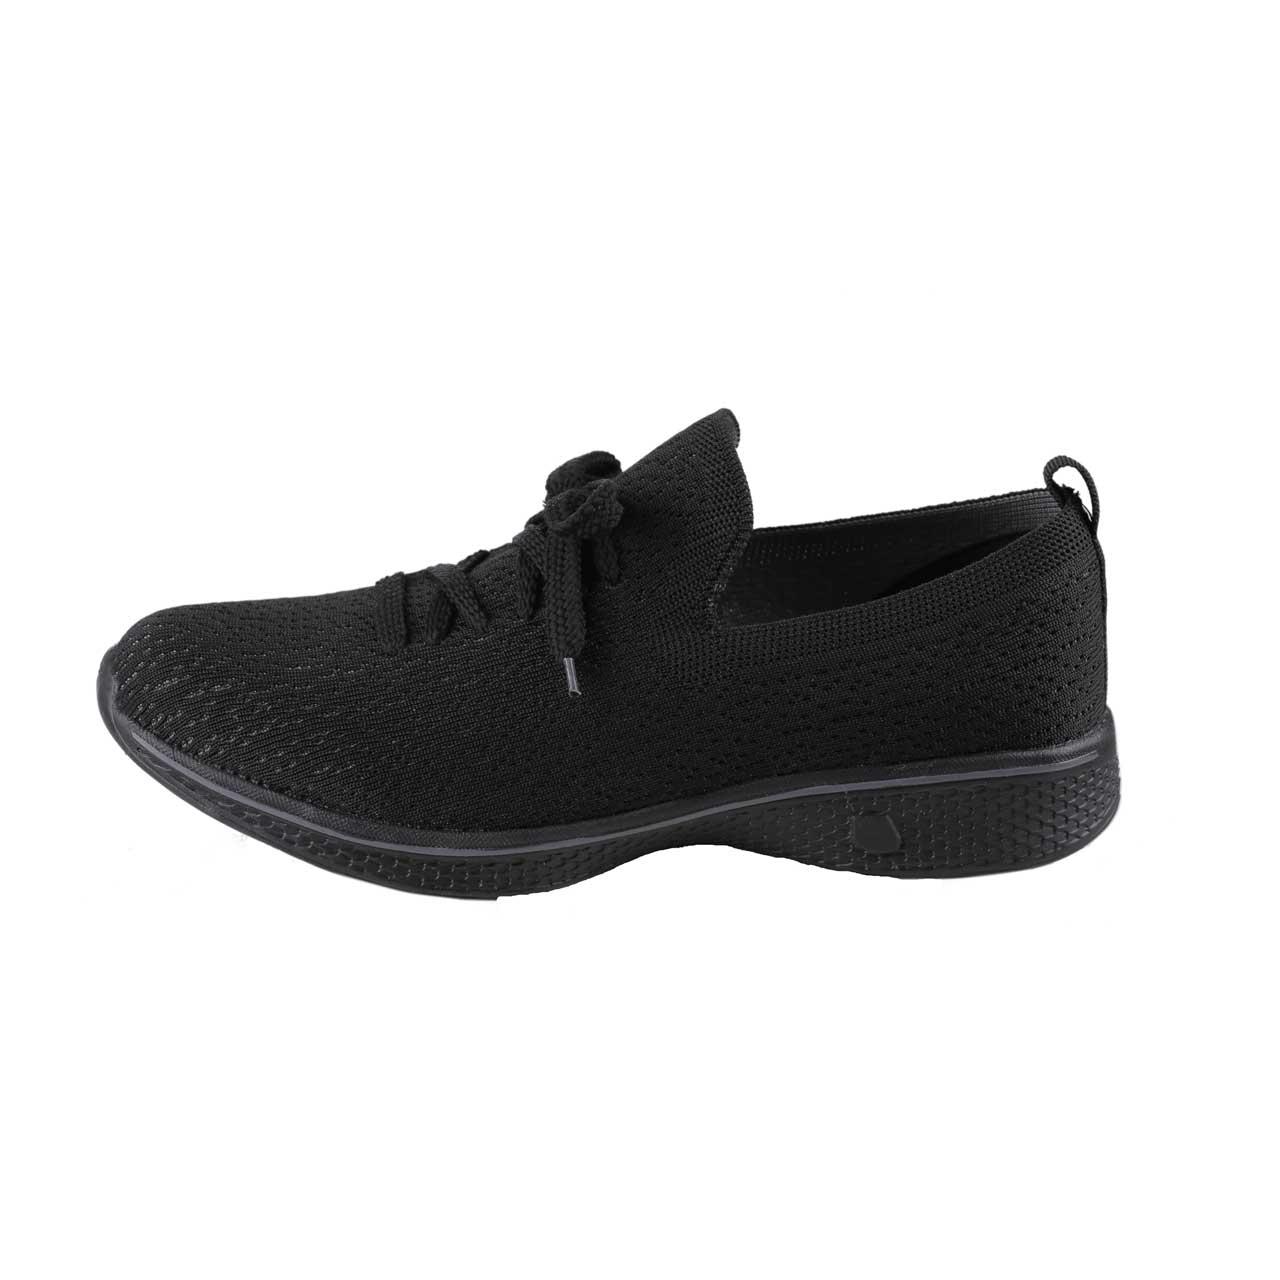 خرید کفش زنانه نهرین مدل درسا کد 1